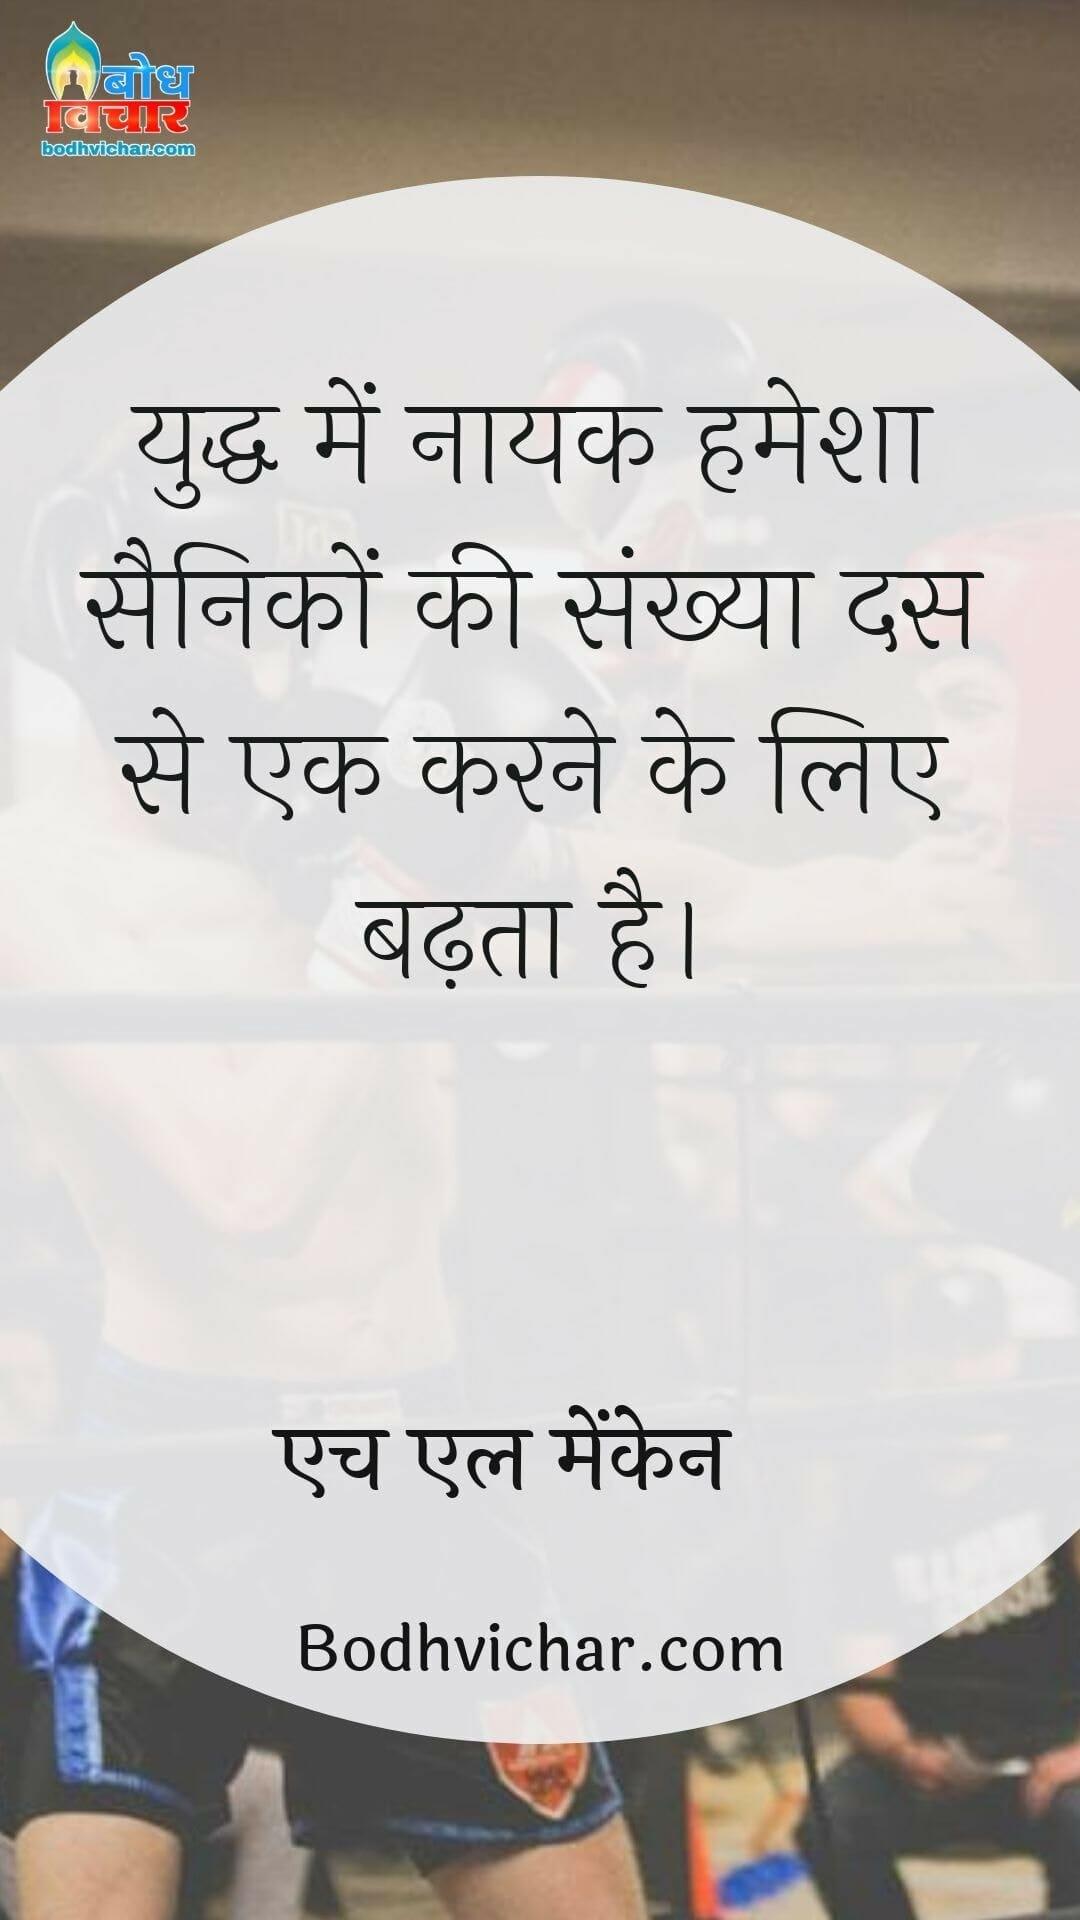 युद्ध में नायक हमेशा सैनिकों की संख्या दस से एक करने के लिए बढ़ता है। : Yuddh me nayak hamesha sainiko ki sankhya das se ek karne ke liye badhta hai - एच एल मेंकेन